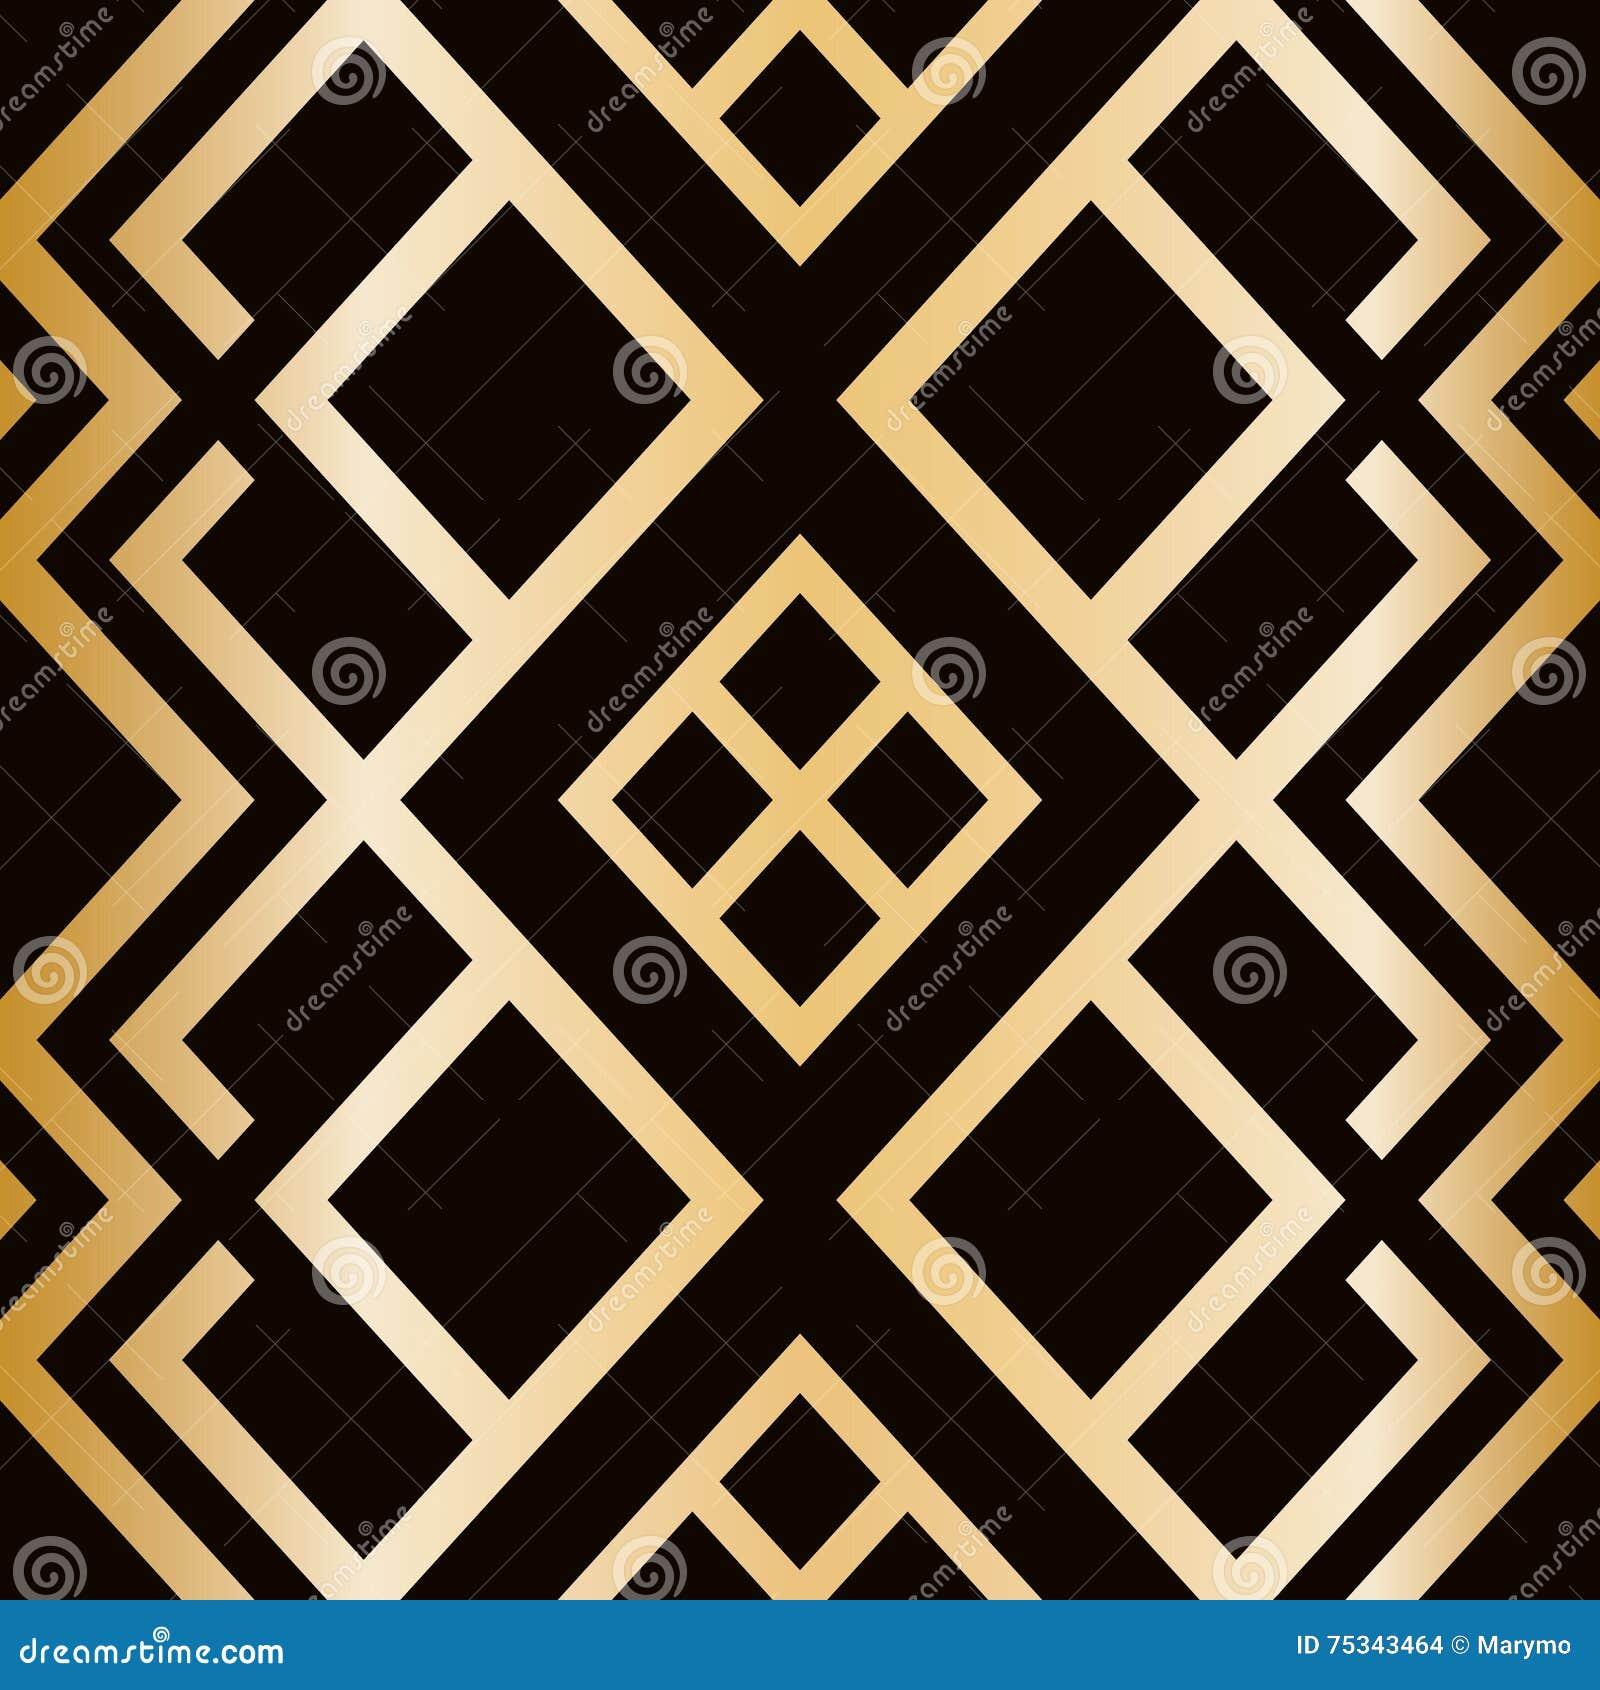 Art Deco Pattern Clip Art K12996789 Fotosearch 8